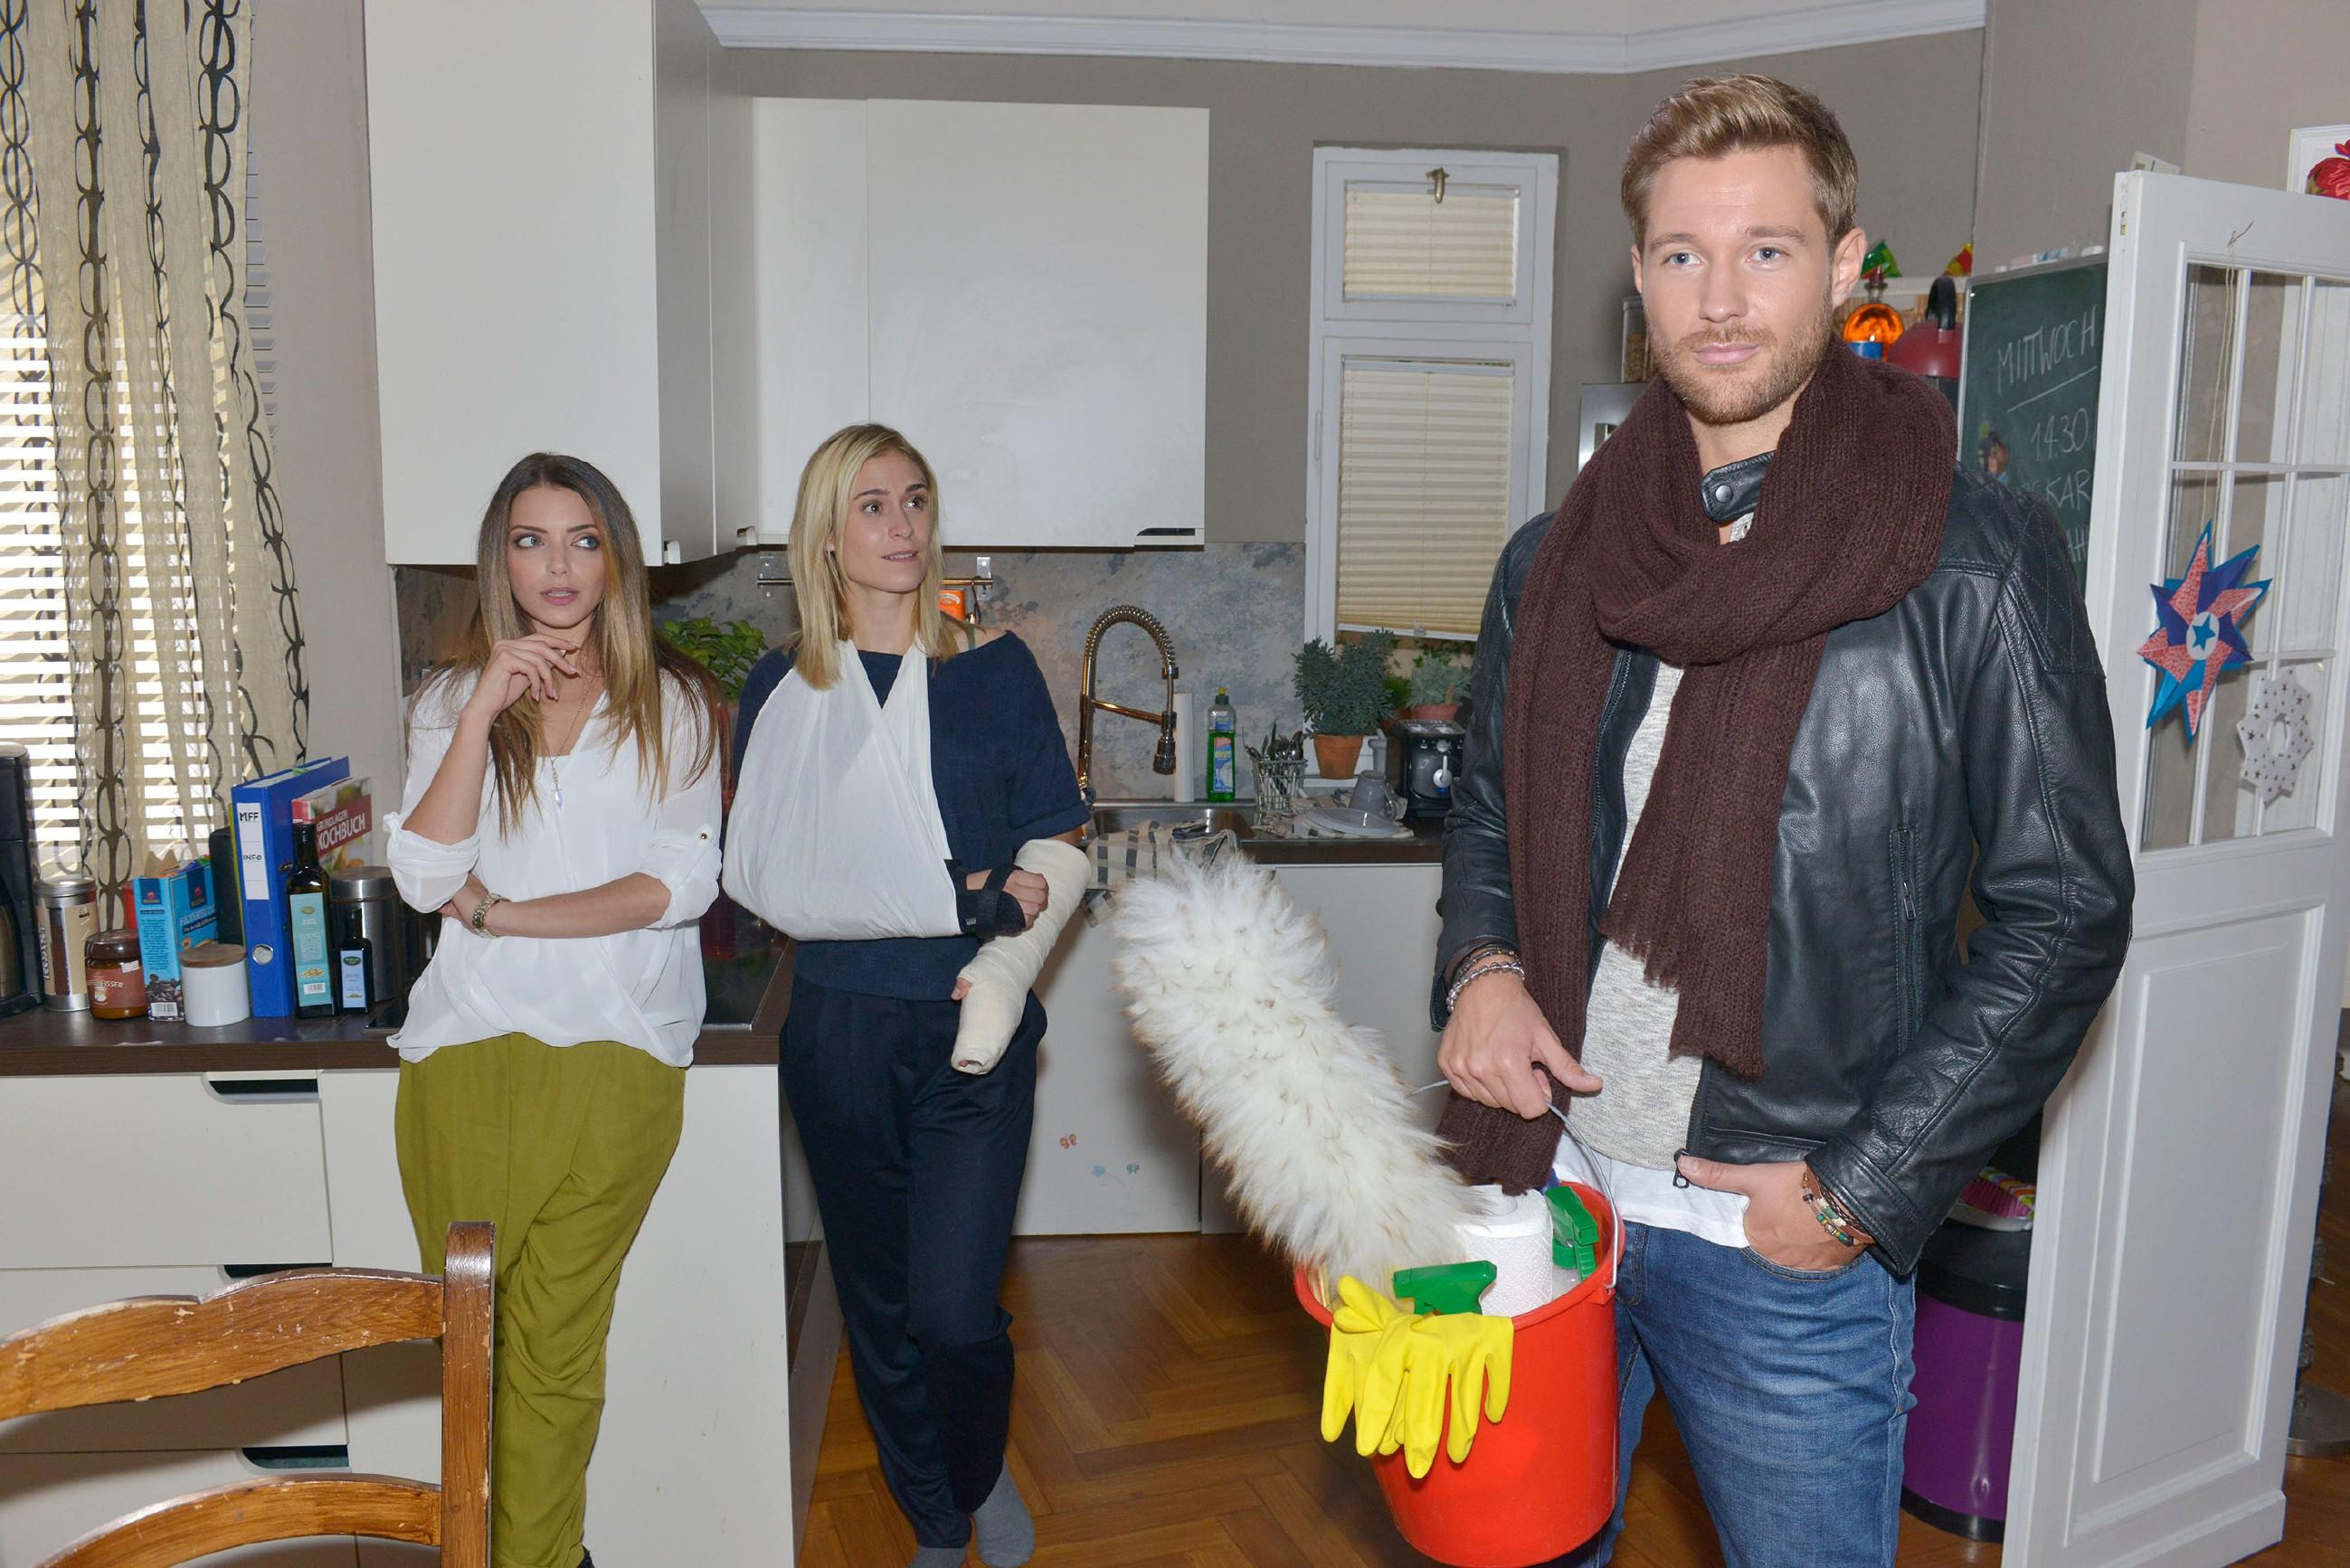 Emily (Anne Menden, l.) und Sophie (Lea Marlen Woitack) sind verblüfft, als sich die neue Haushaltshilfe als ein äußerst attraktiver junger Mann namens Eike herausstellt. (Quelle: RTL / Rolf Baumgartner)